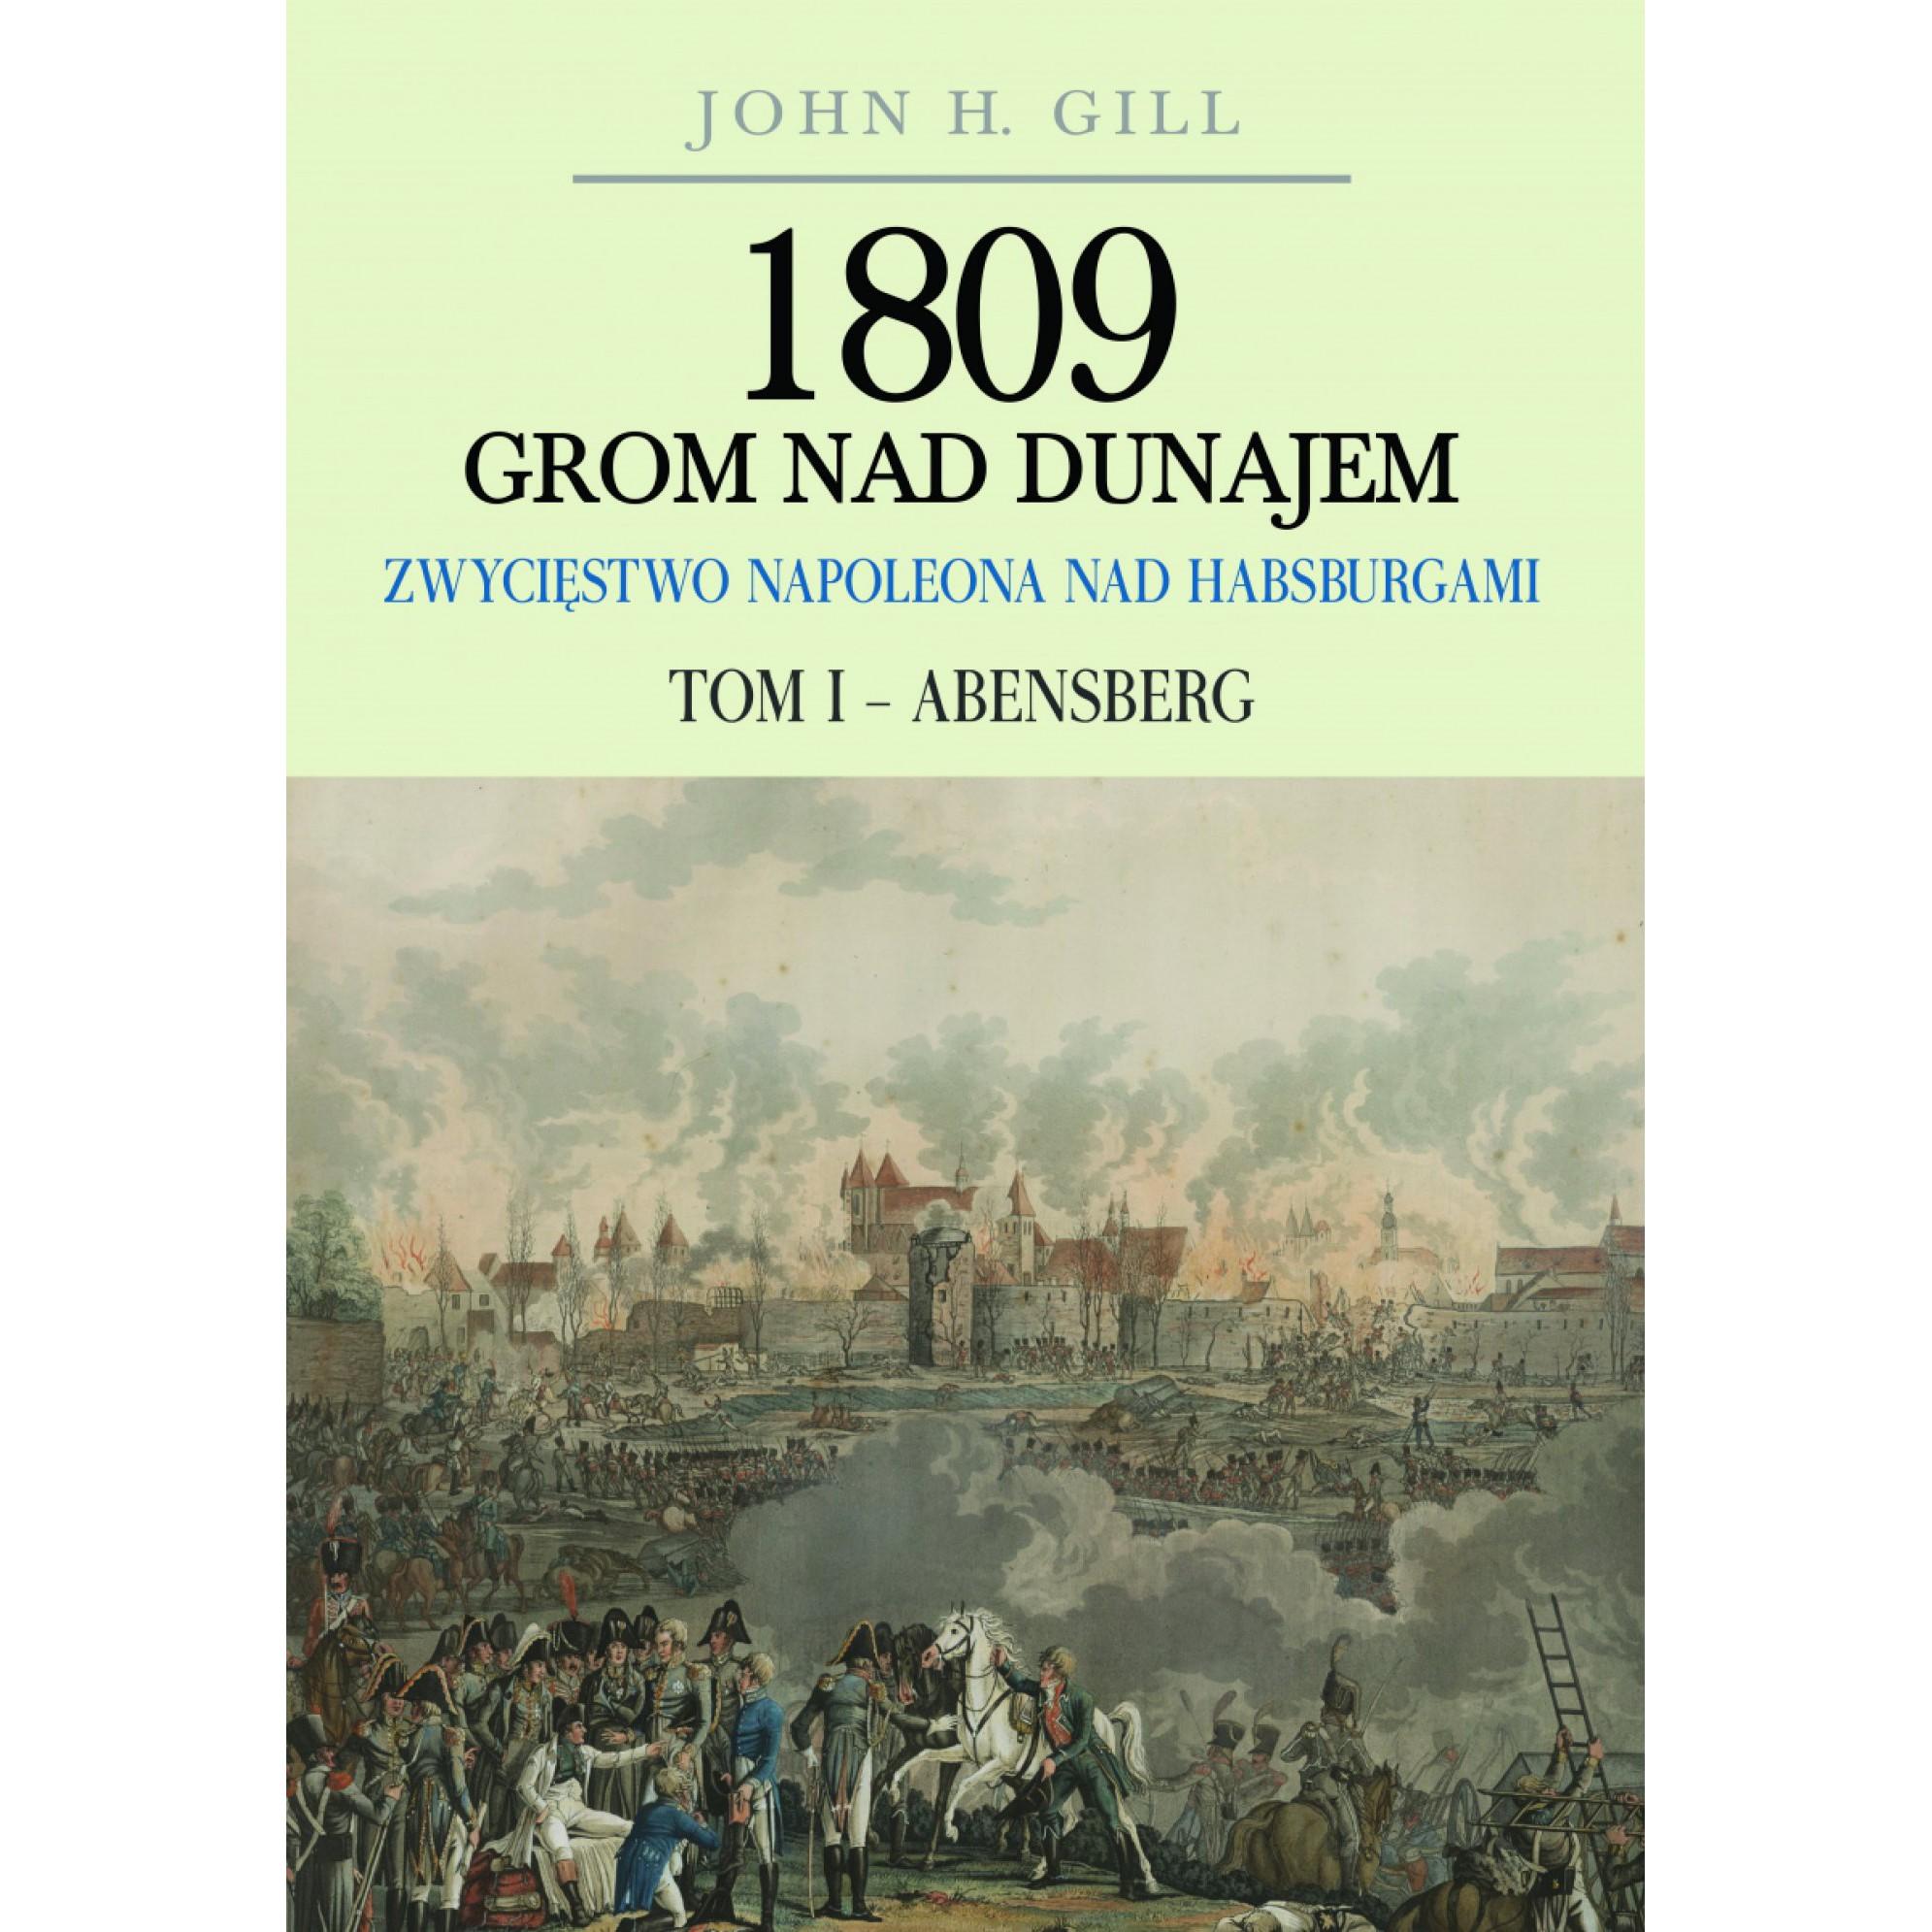 1809 Grom nad Dunajem. Zwycięstwa Napoleona nad Habsburgami. Tom I Abensberg